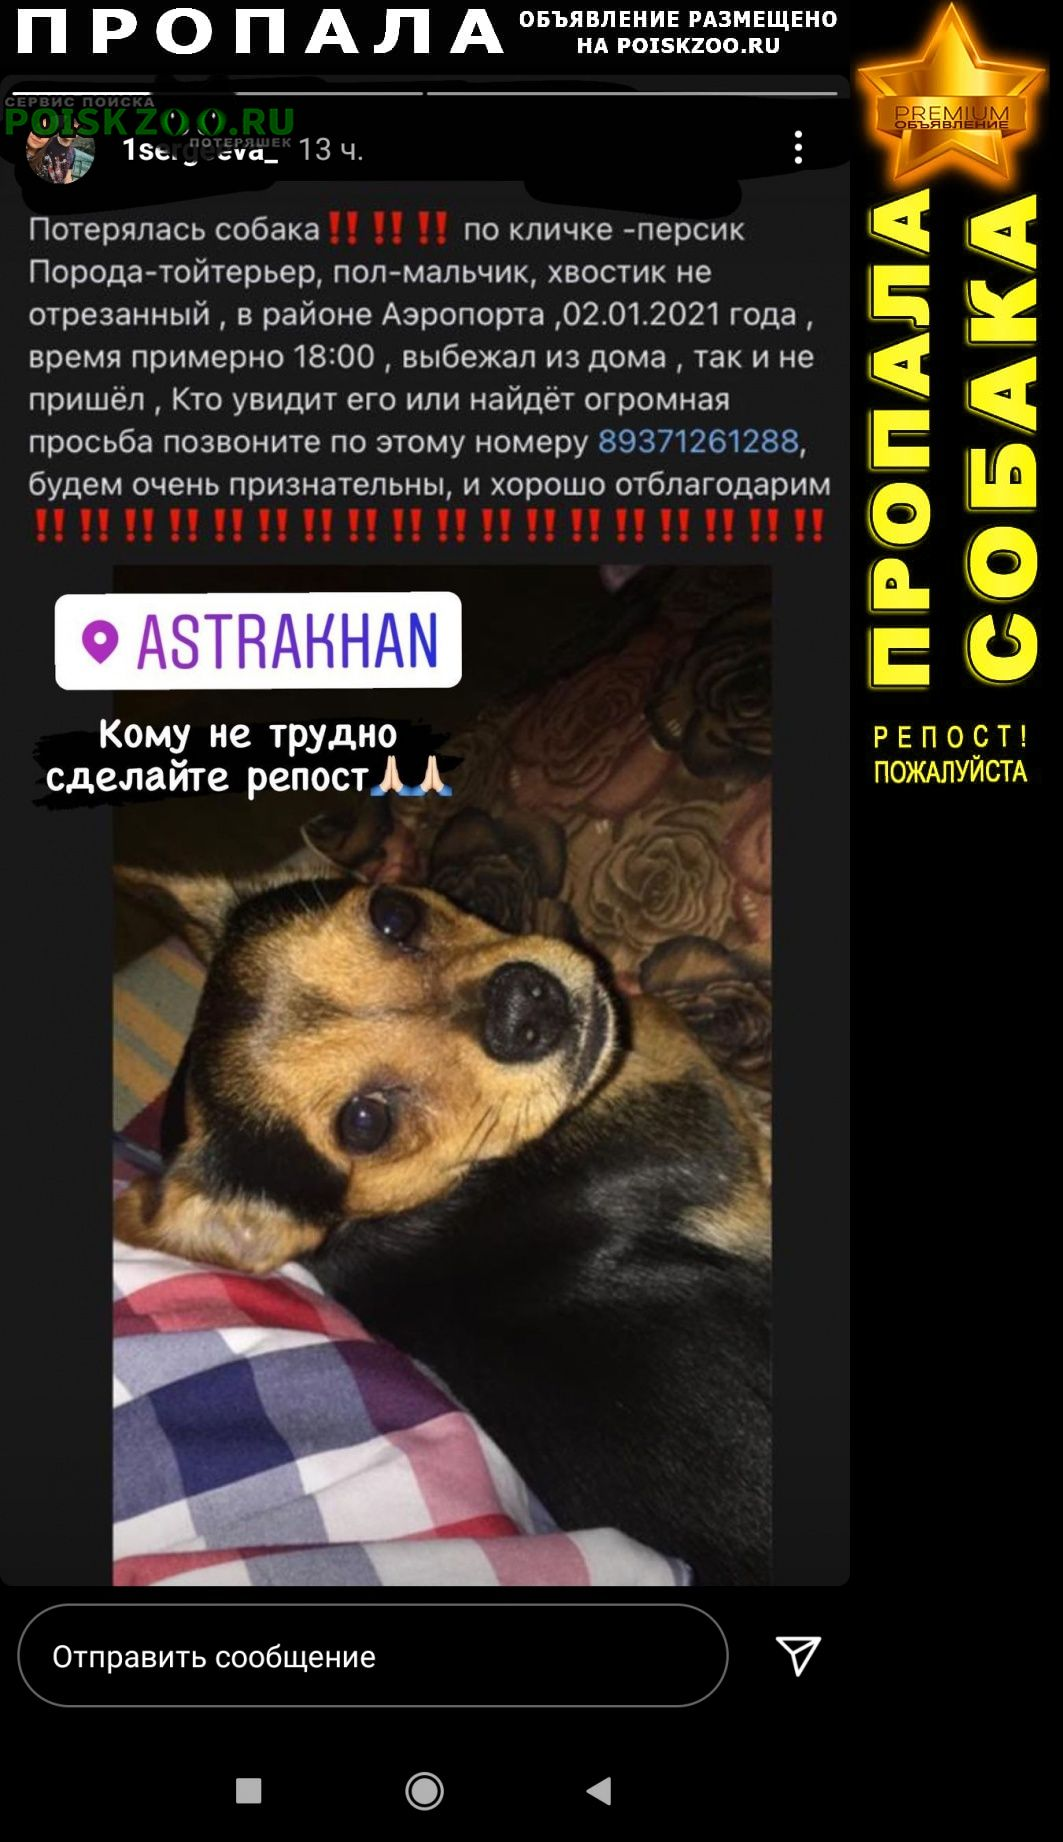 Пропала собака по имени-персик Астрахань